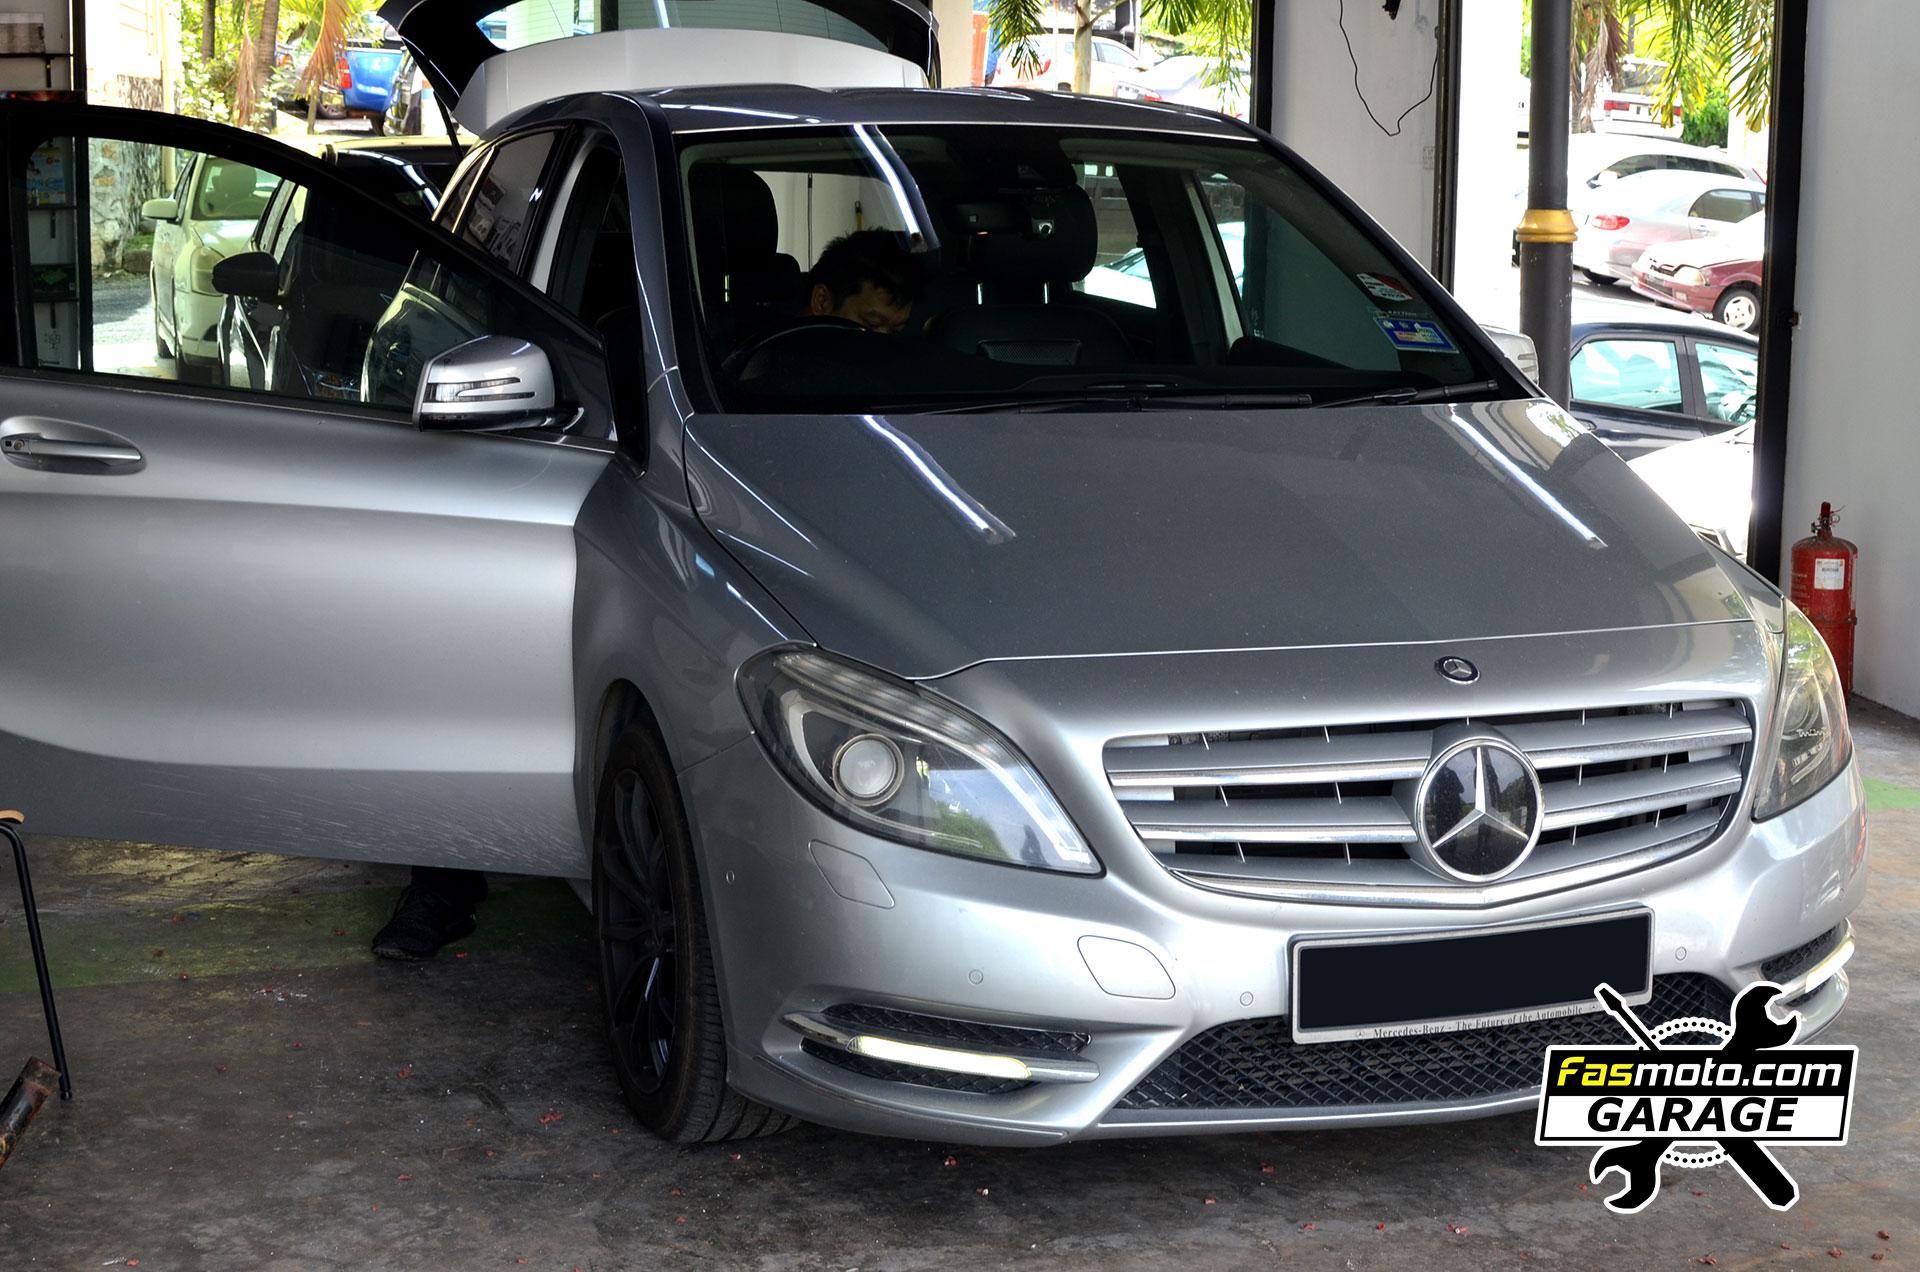 Mercedes Benz B200 B Class Rear Parking Camera install